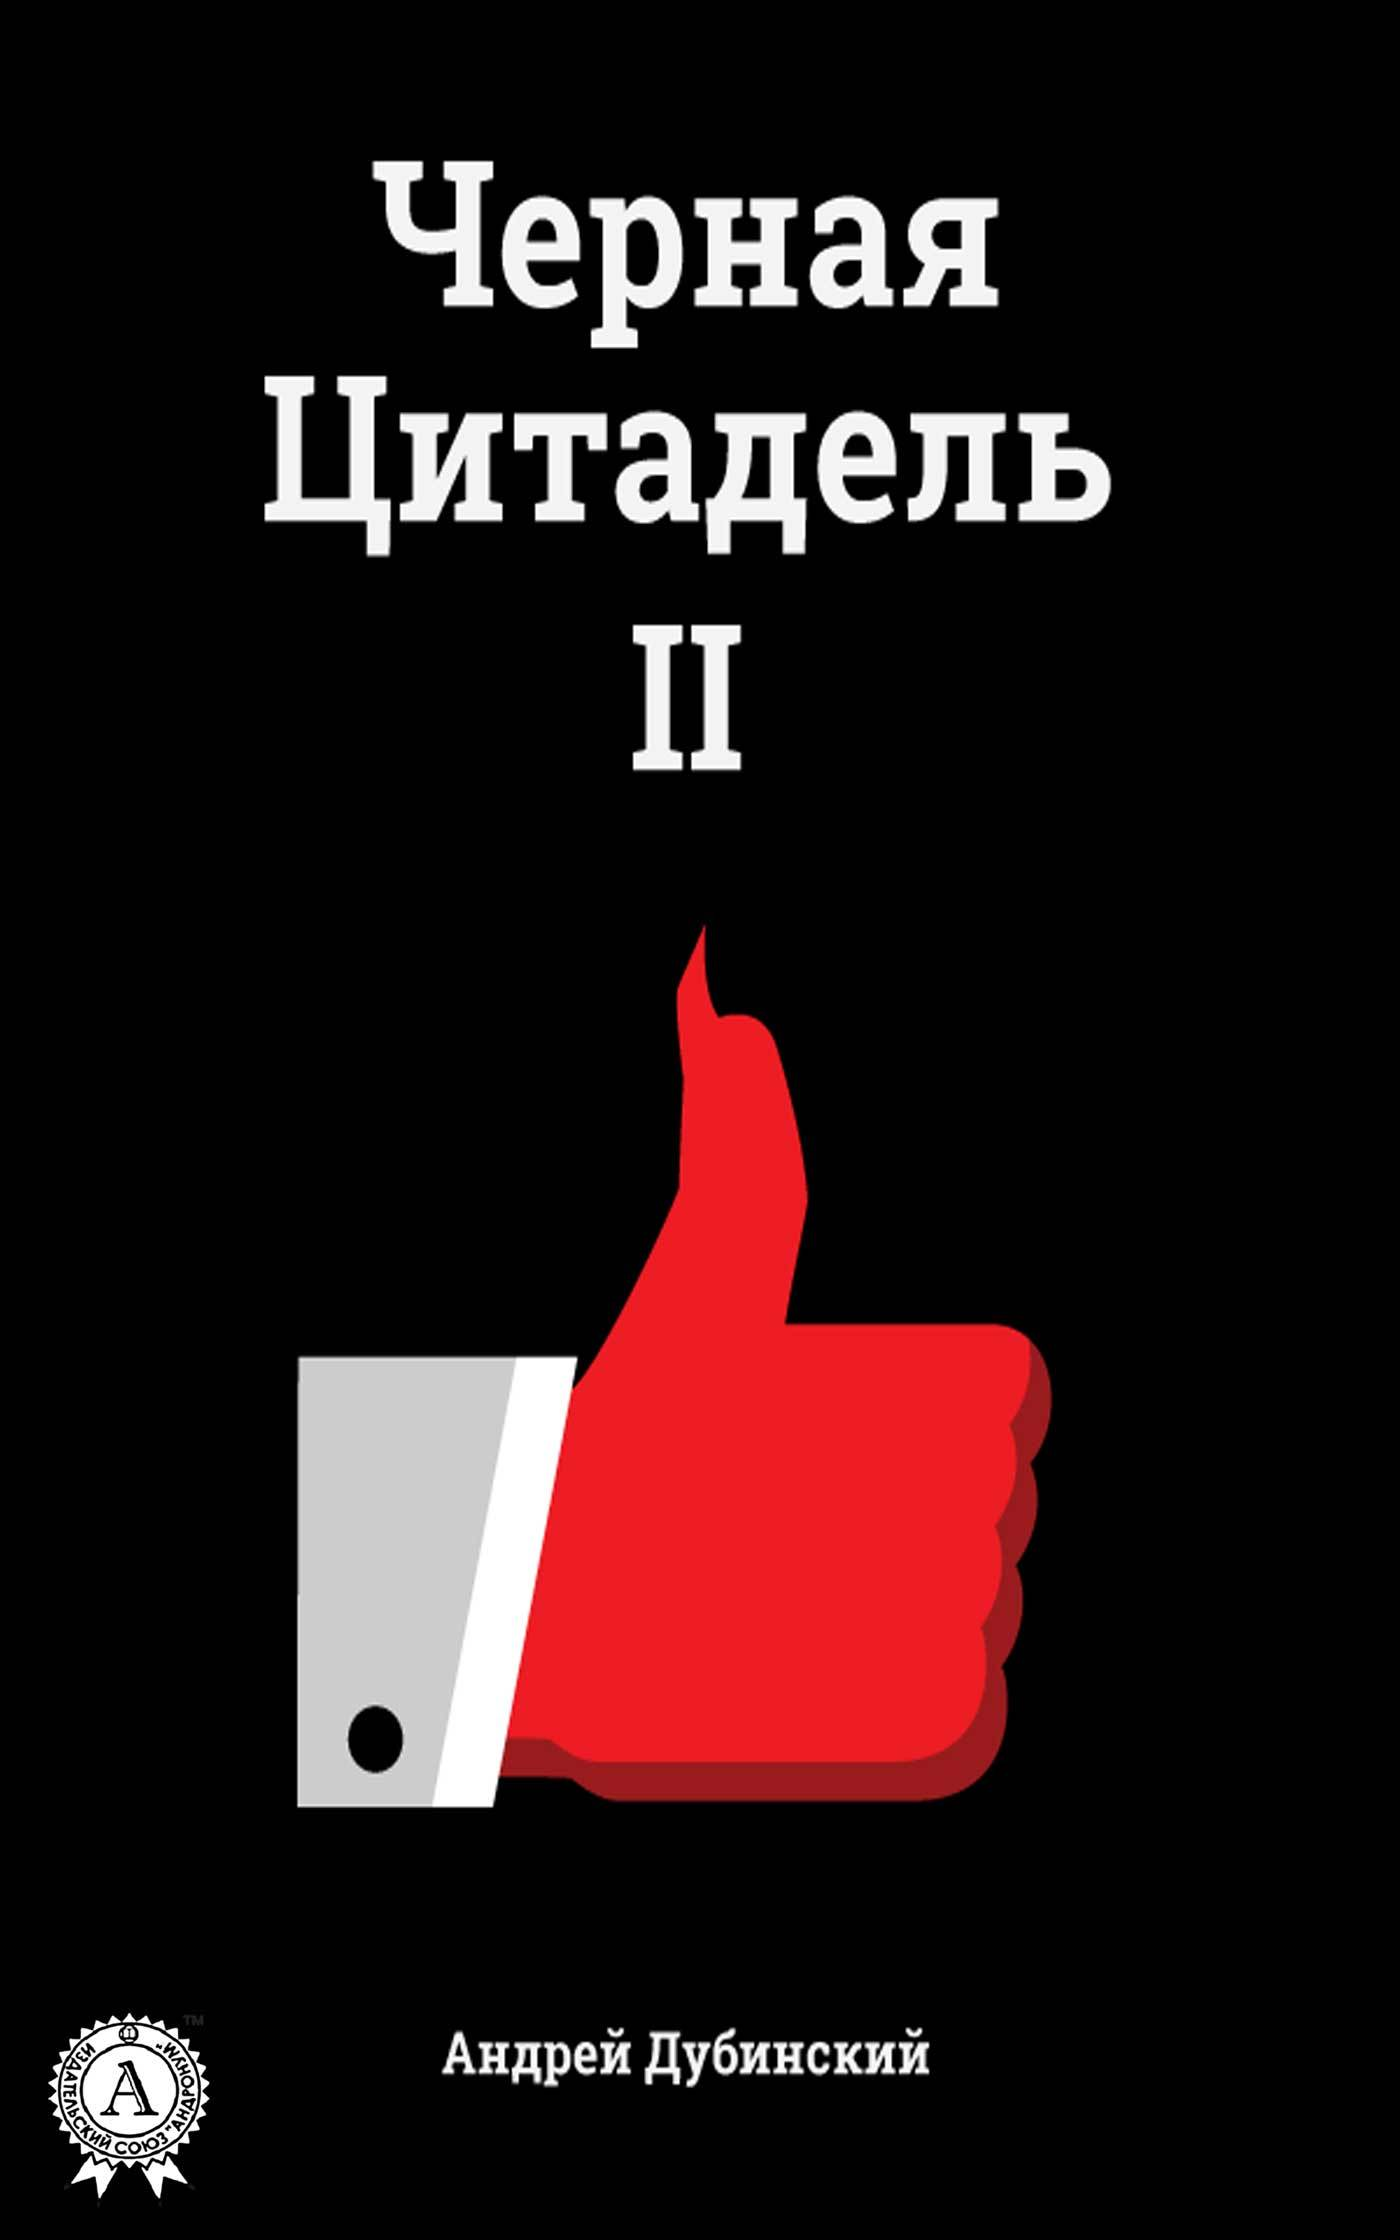 Купить книгу Черная цитадель II, автора Андрея Дубинского